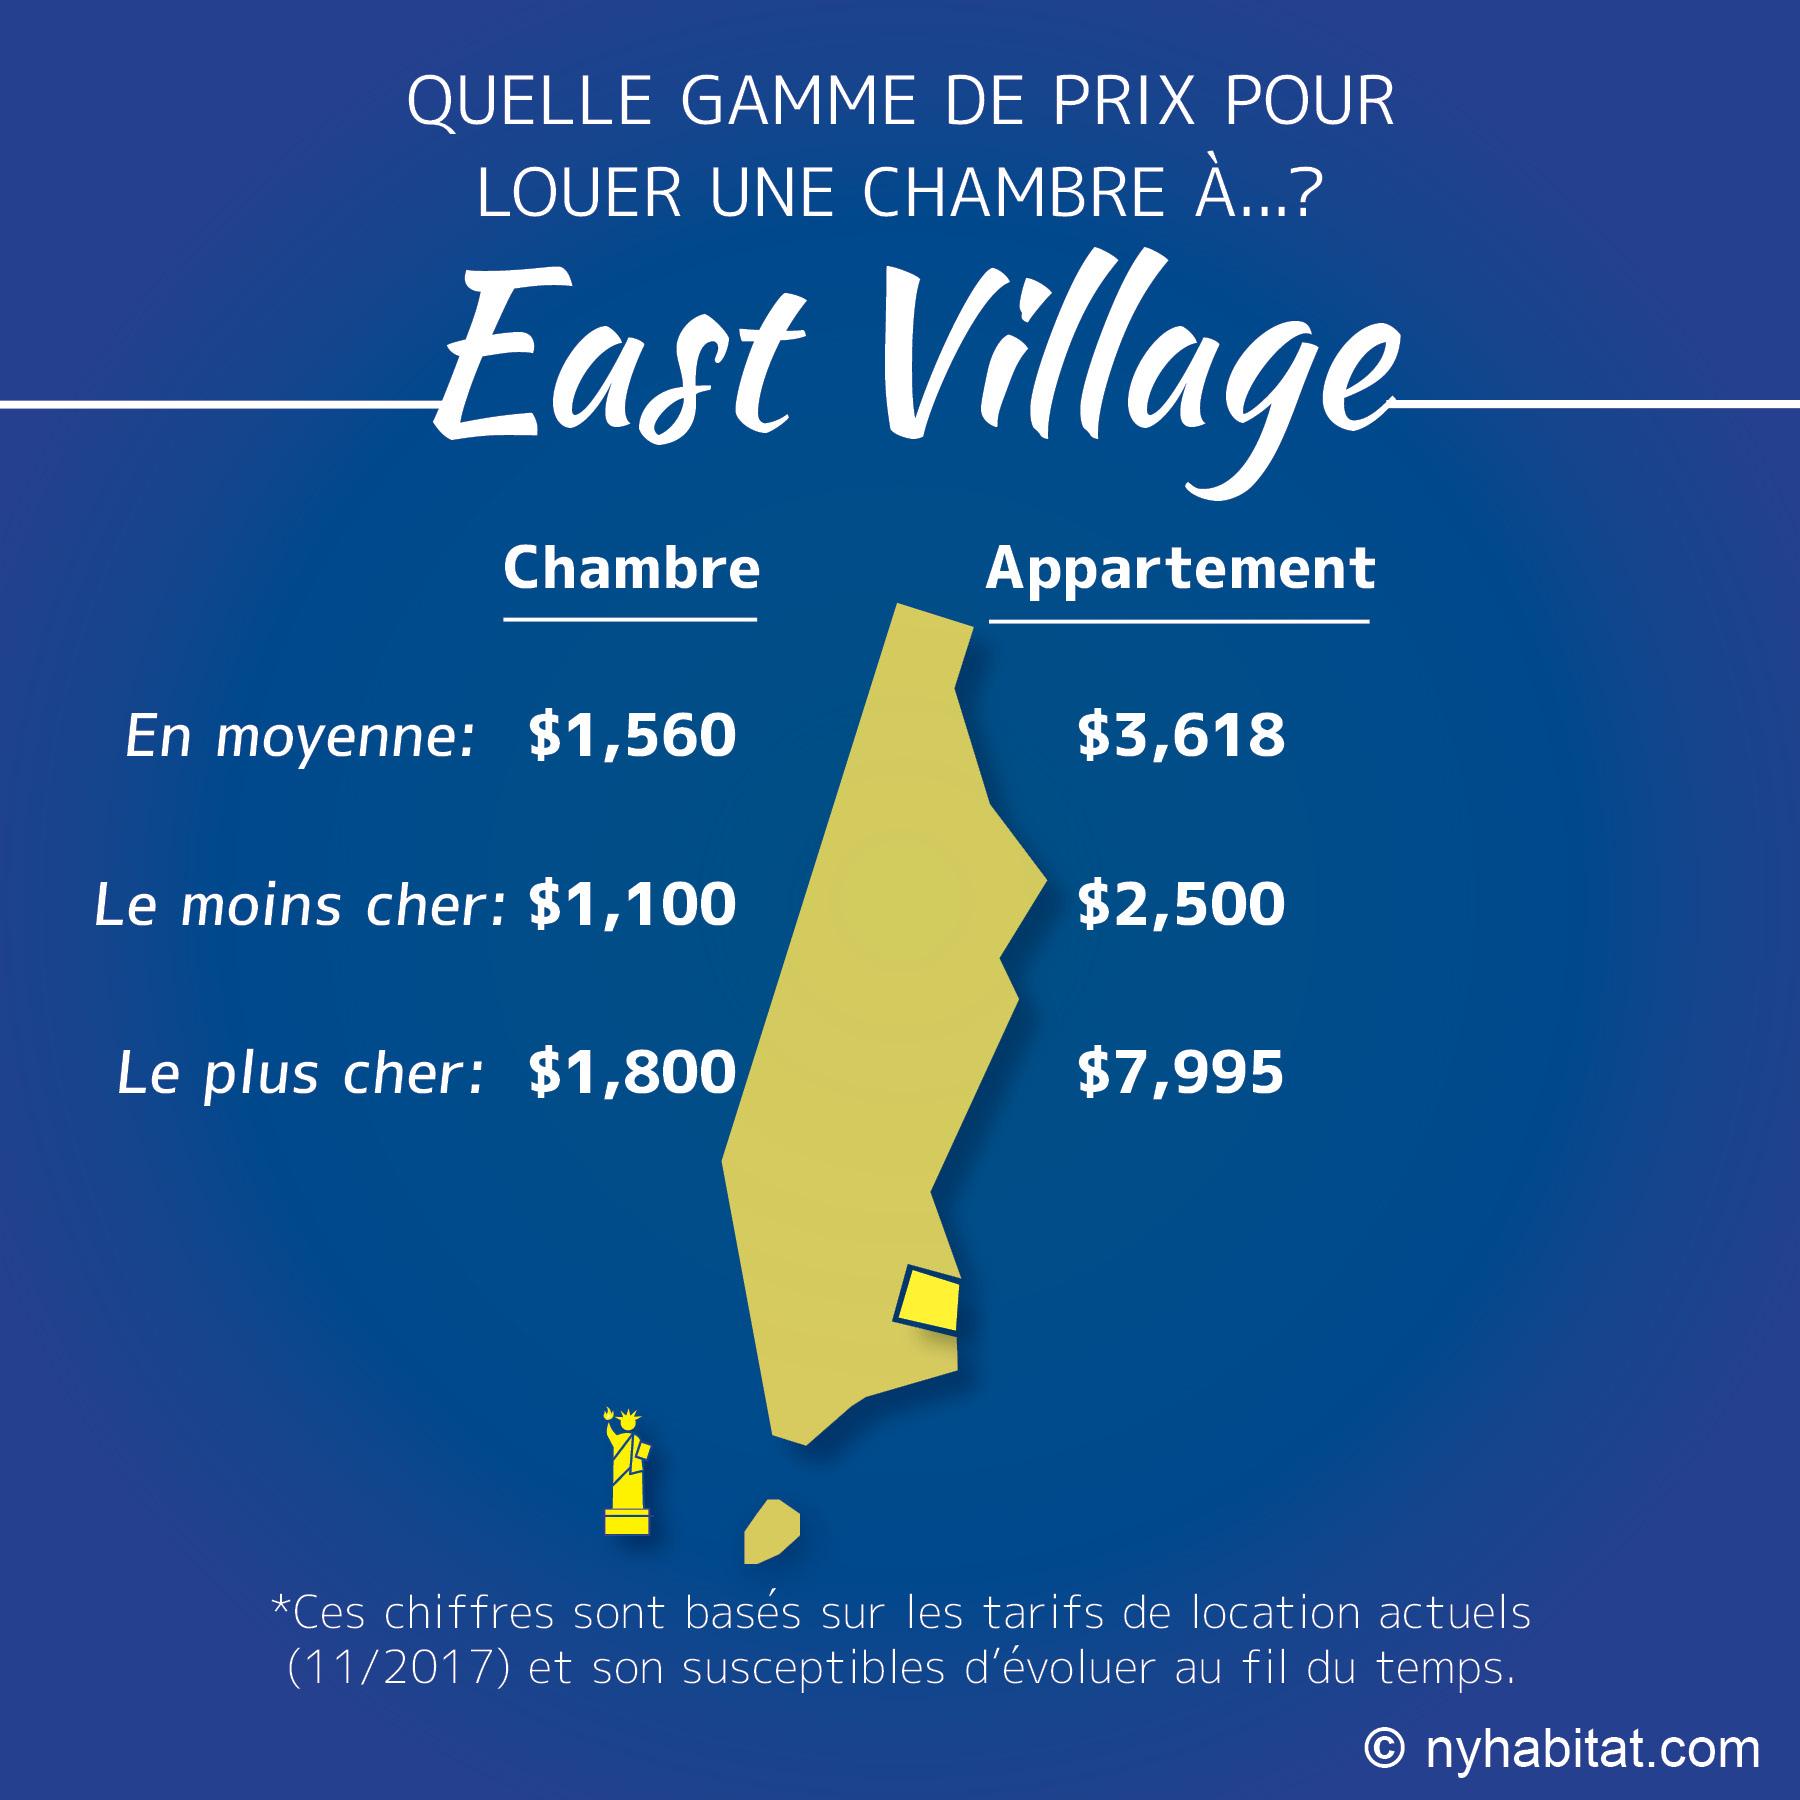 Infographie comparative des loyers des chambres simples et des appartements dans l'East Village